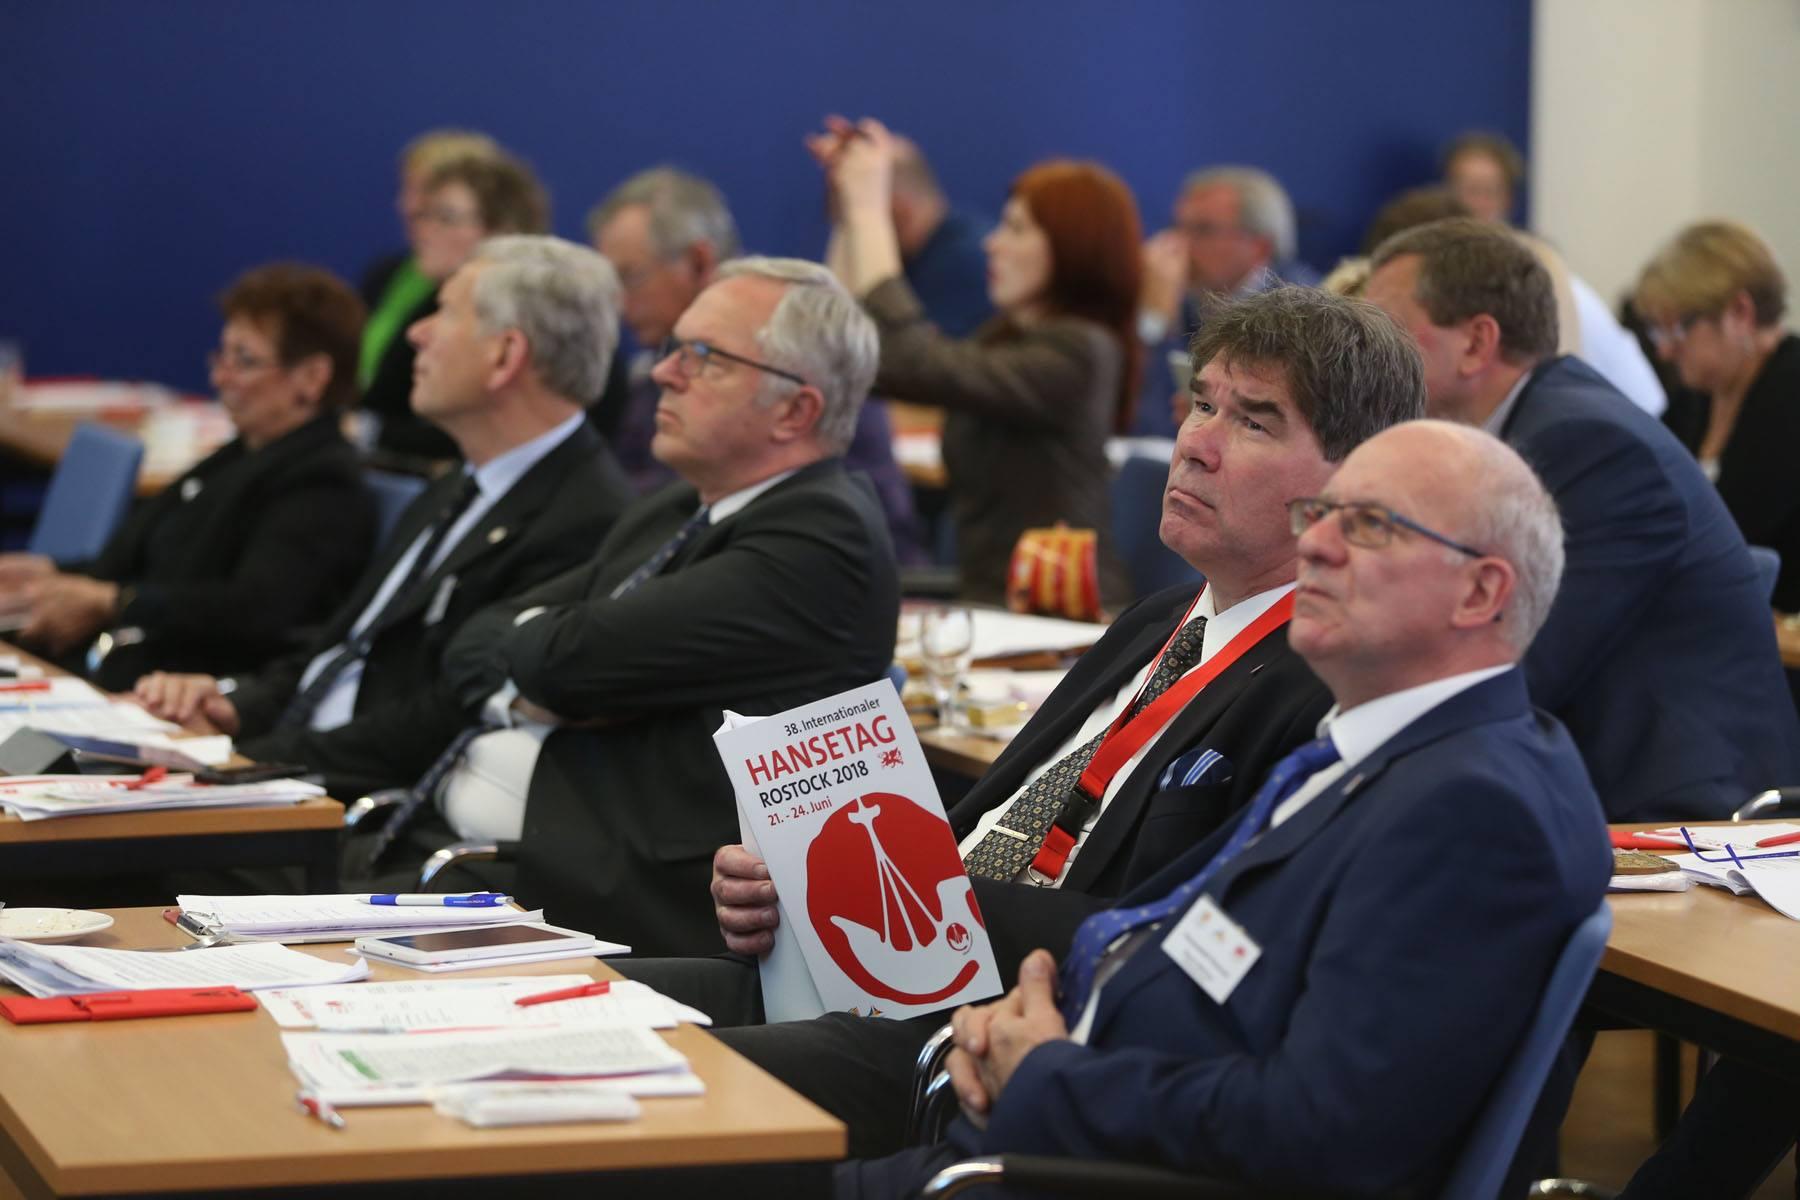 De alarmbellen over Gebouw X gaan af in Rostock, waar Henk Jan Meijer, burgemeester van Zwolle, een congres over Hanzesteden bijwoont.